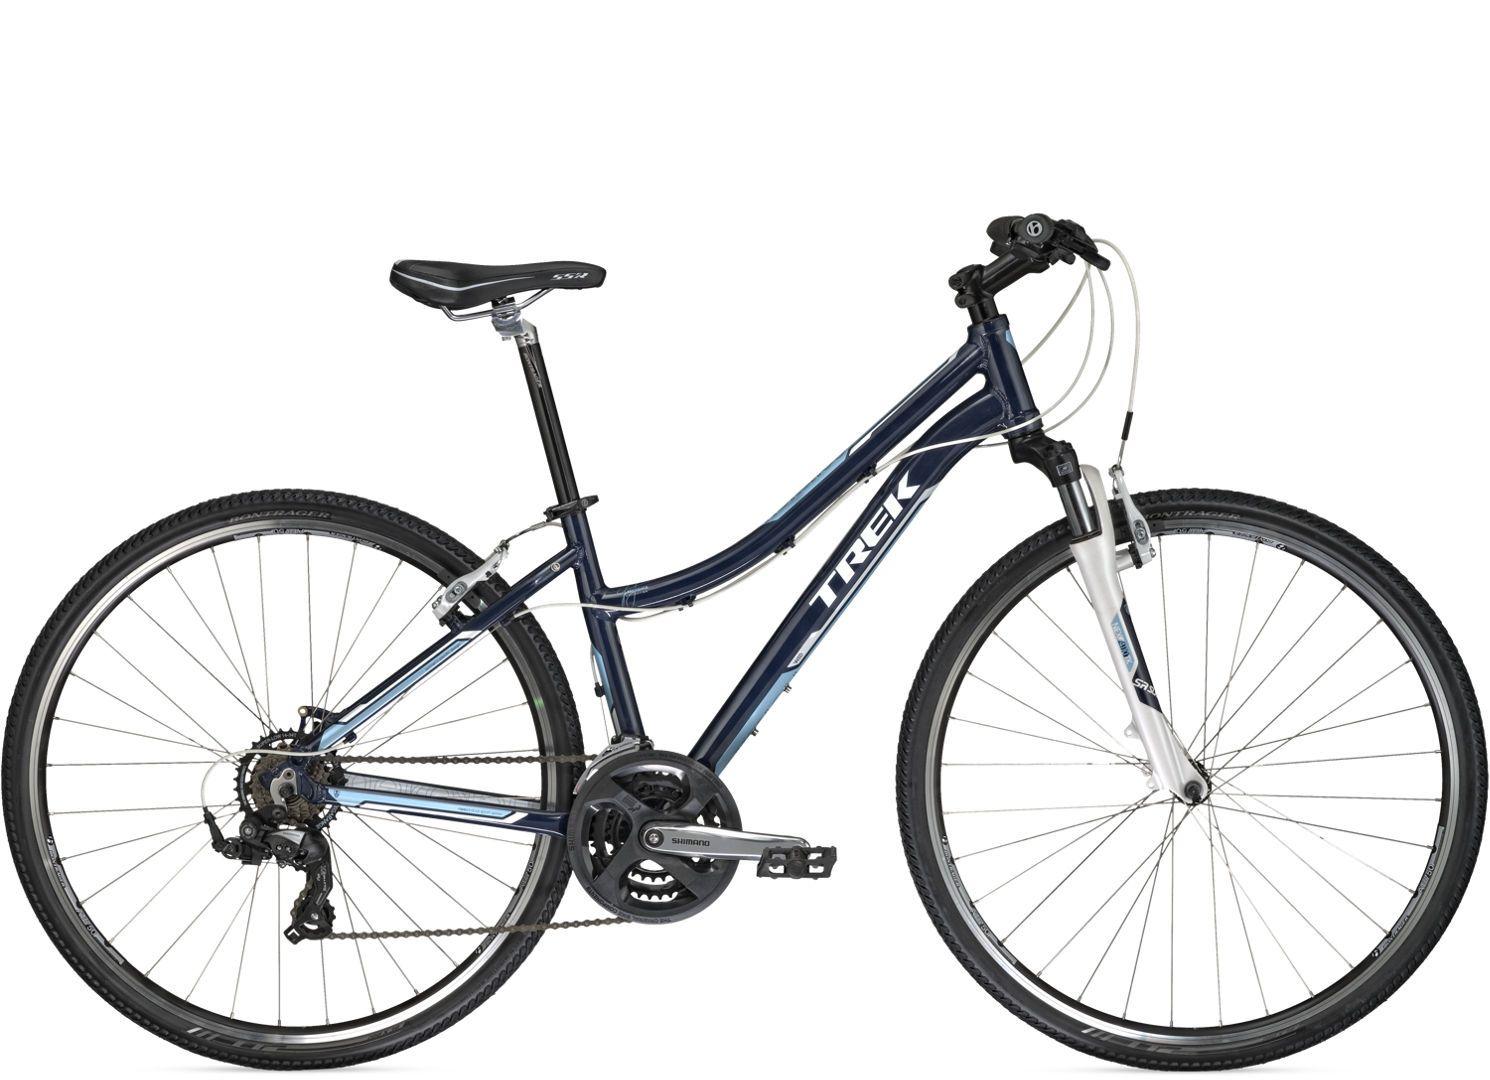 Trek Neko. Dual sport awesomeness. Hybrid bike, Trek